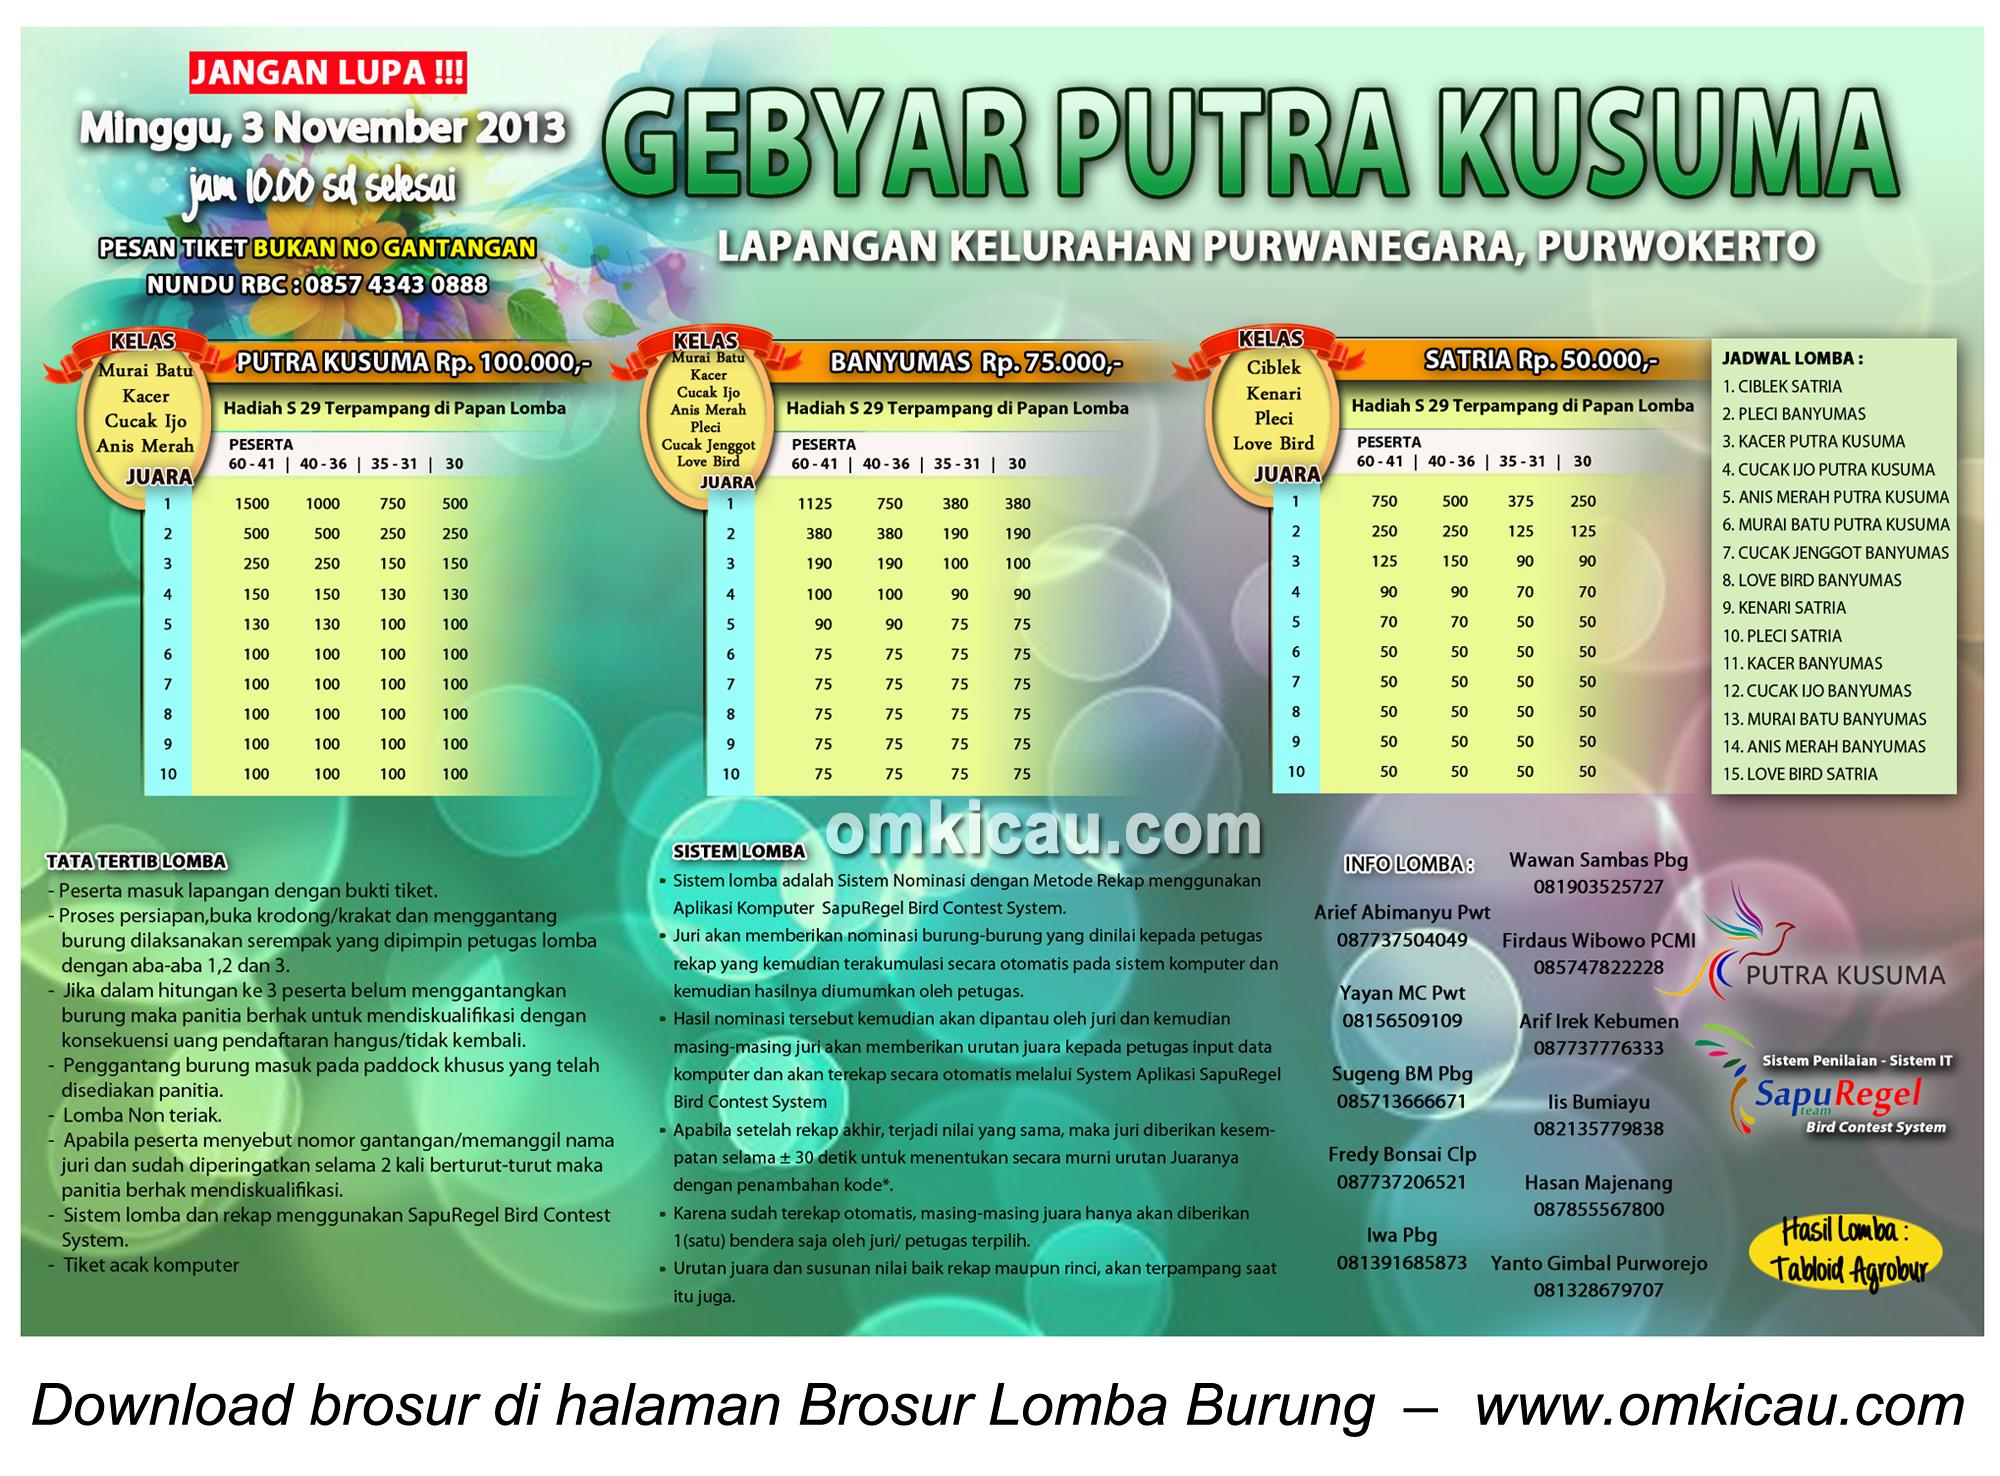 Brosur Lomba Burung Gebyar Putra Kusuma, Purwokerto, 3 November 2013